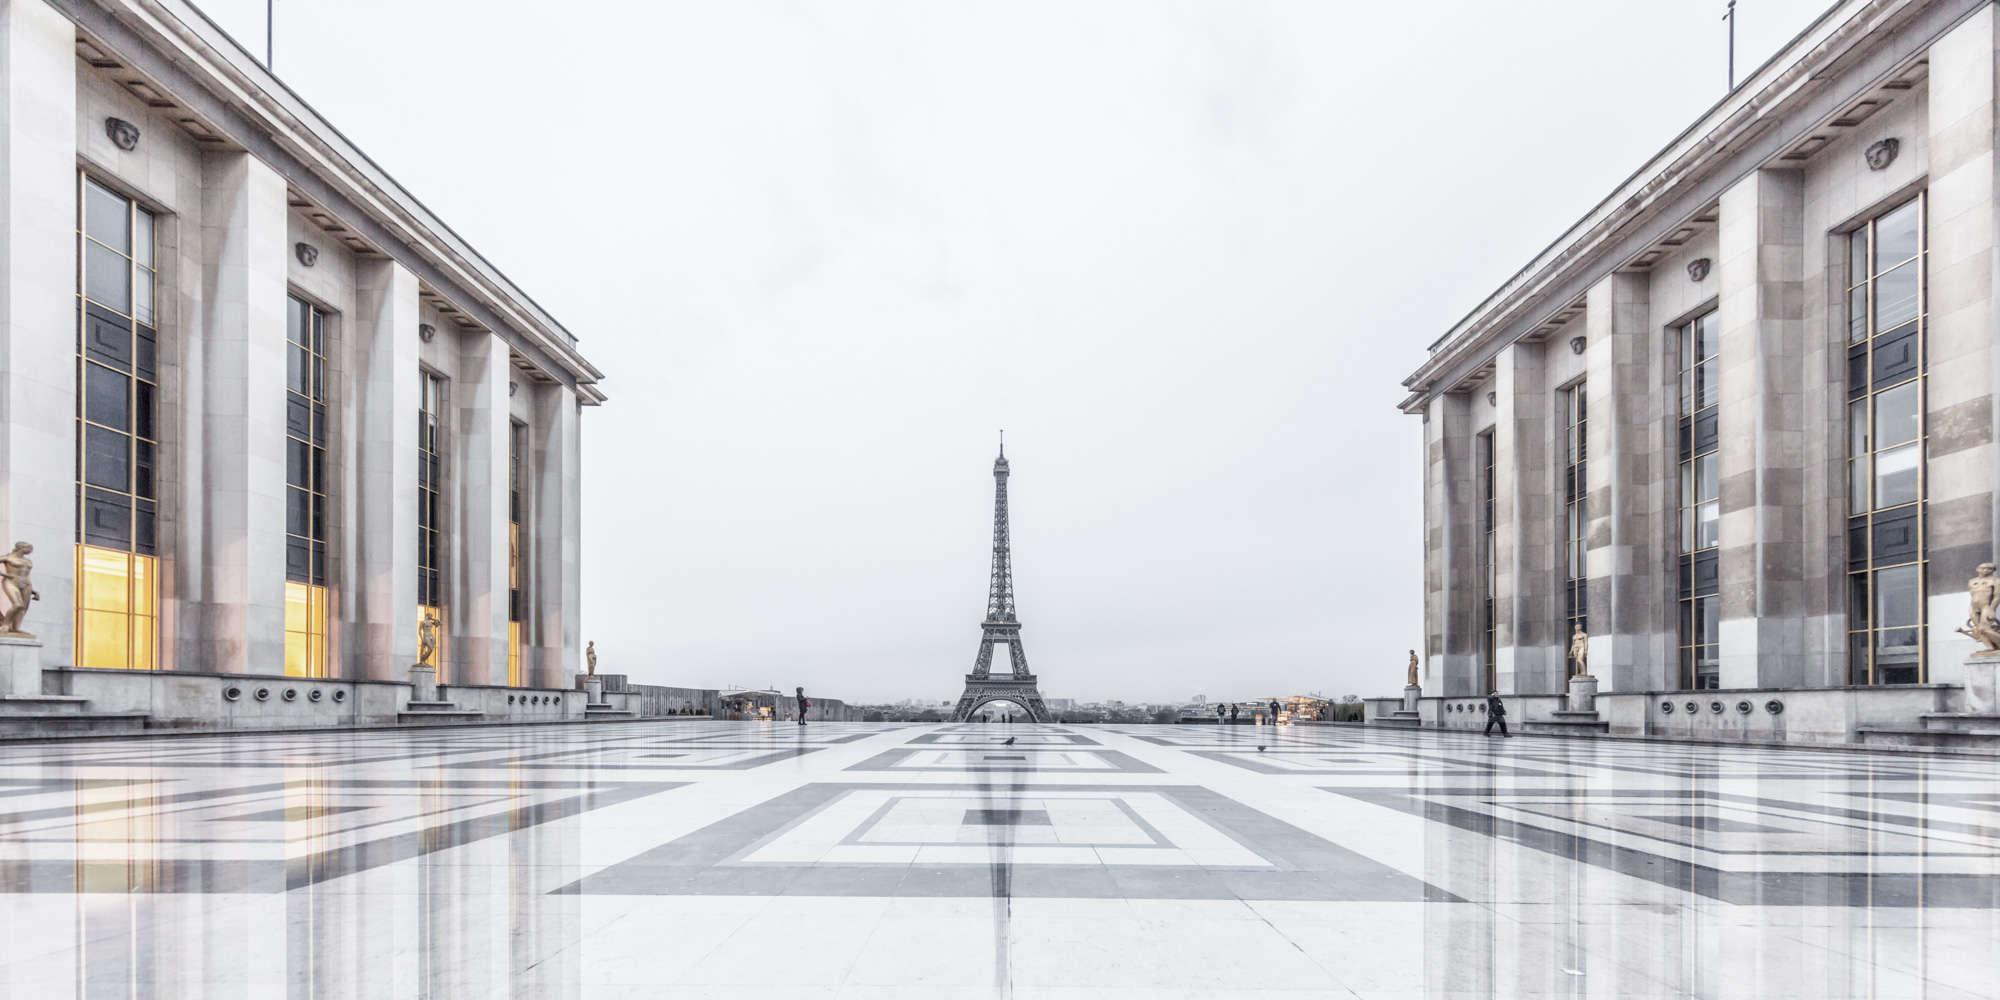 Laurent Dequick - Esplanade du Trocadero